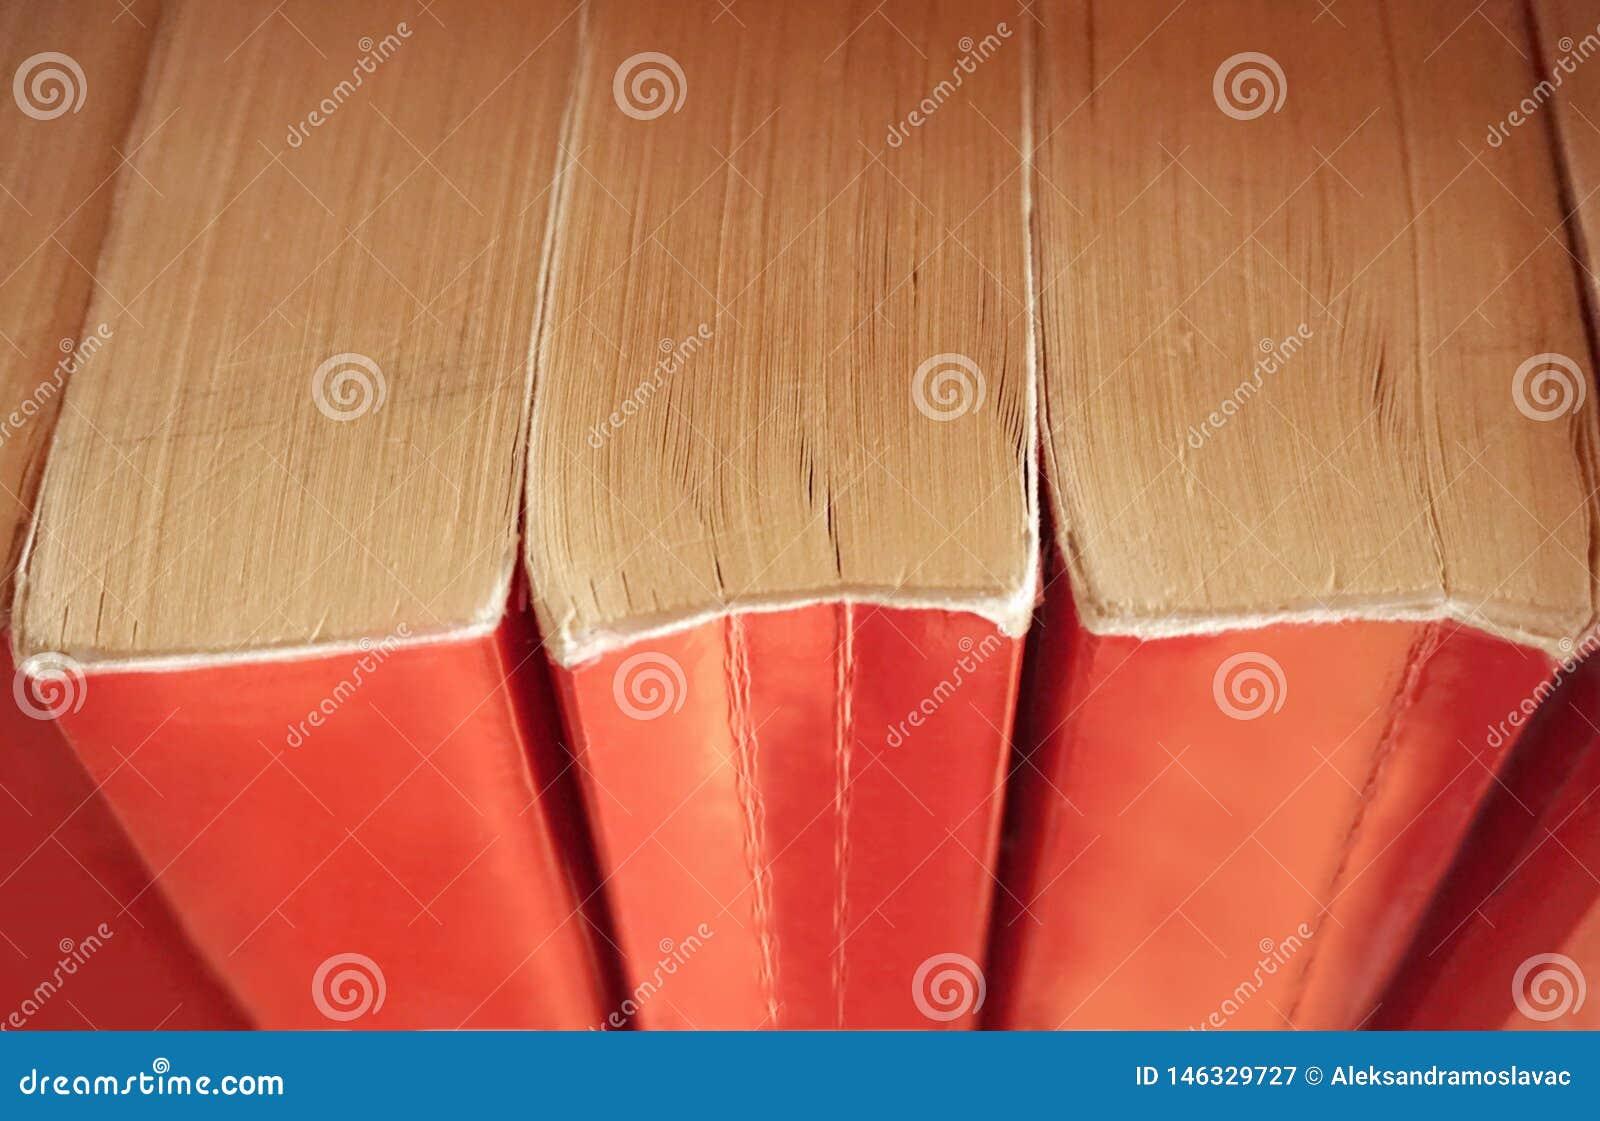 Stare książki z czerwoną książkową pokrywą brogującą pionowo na półkach na widok